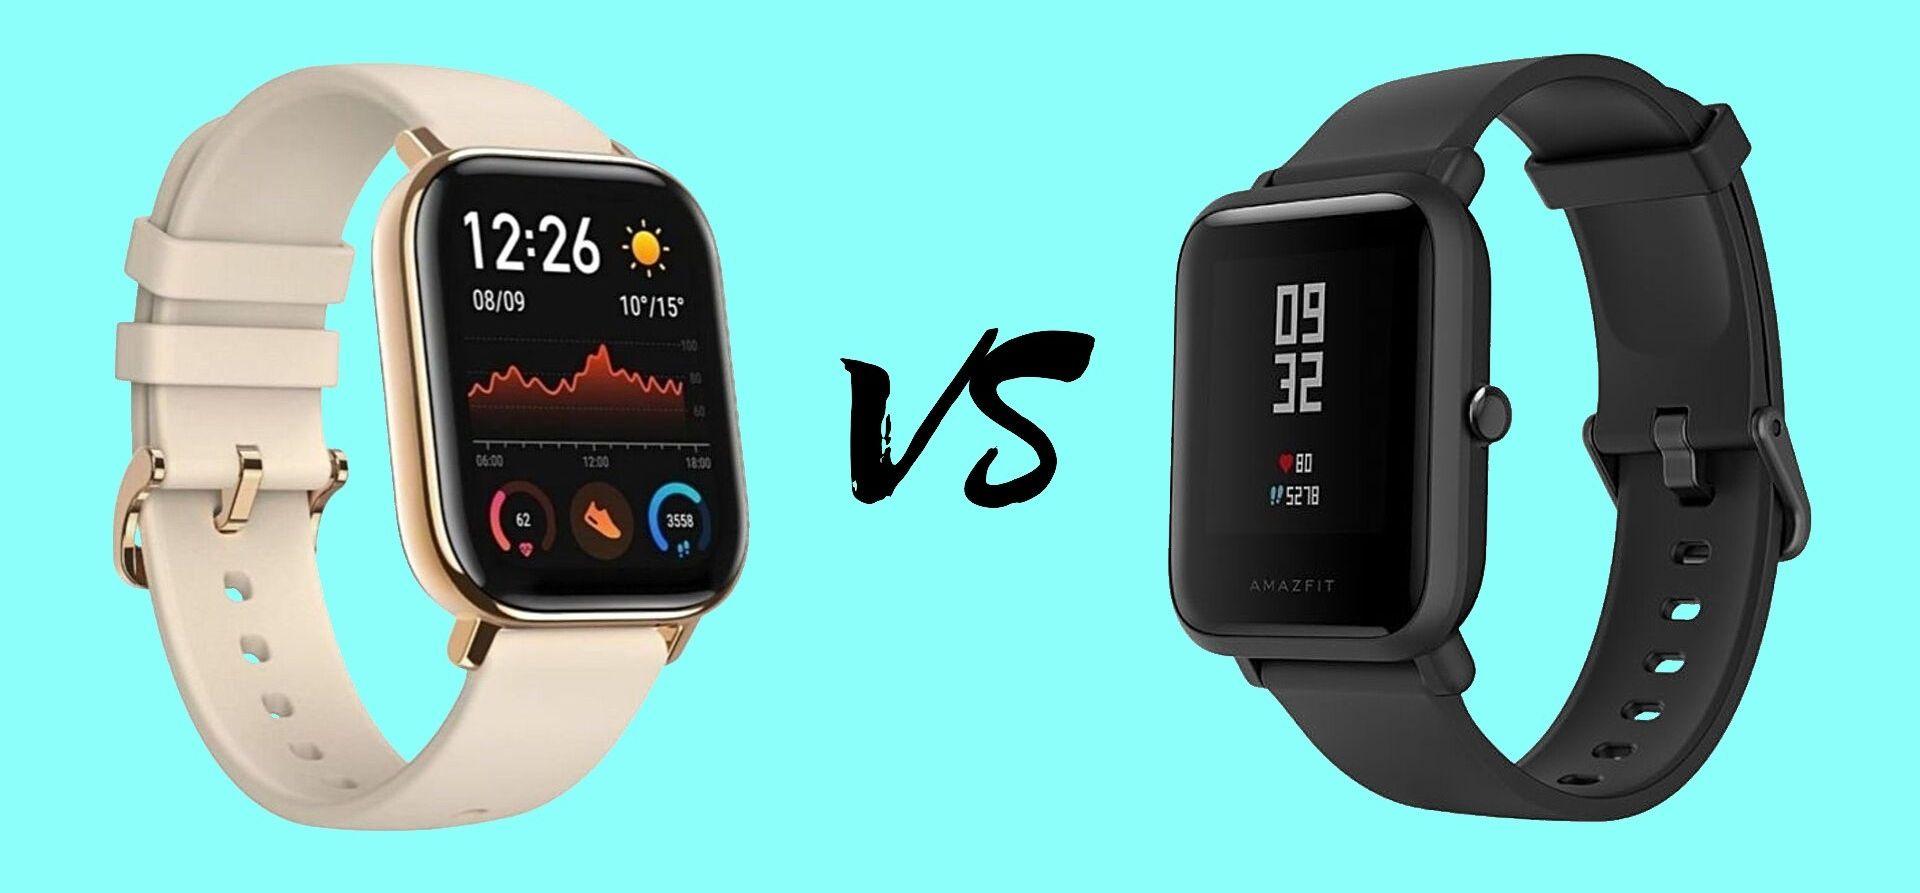 Amazfit Gts Vs Amazfit Bip 2 Comparativa De Especificaciones Smartwatch Sensor De Luz Ahorro De Energia